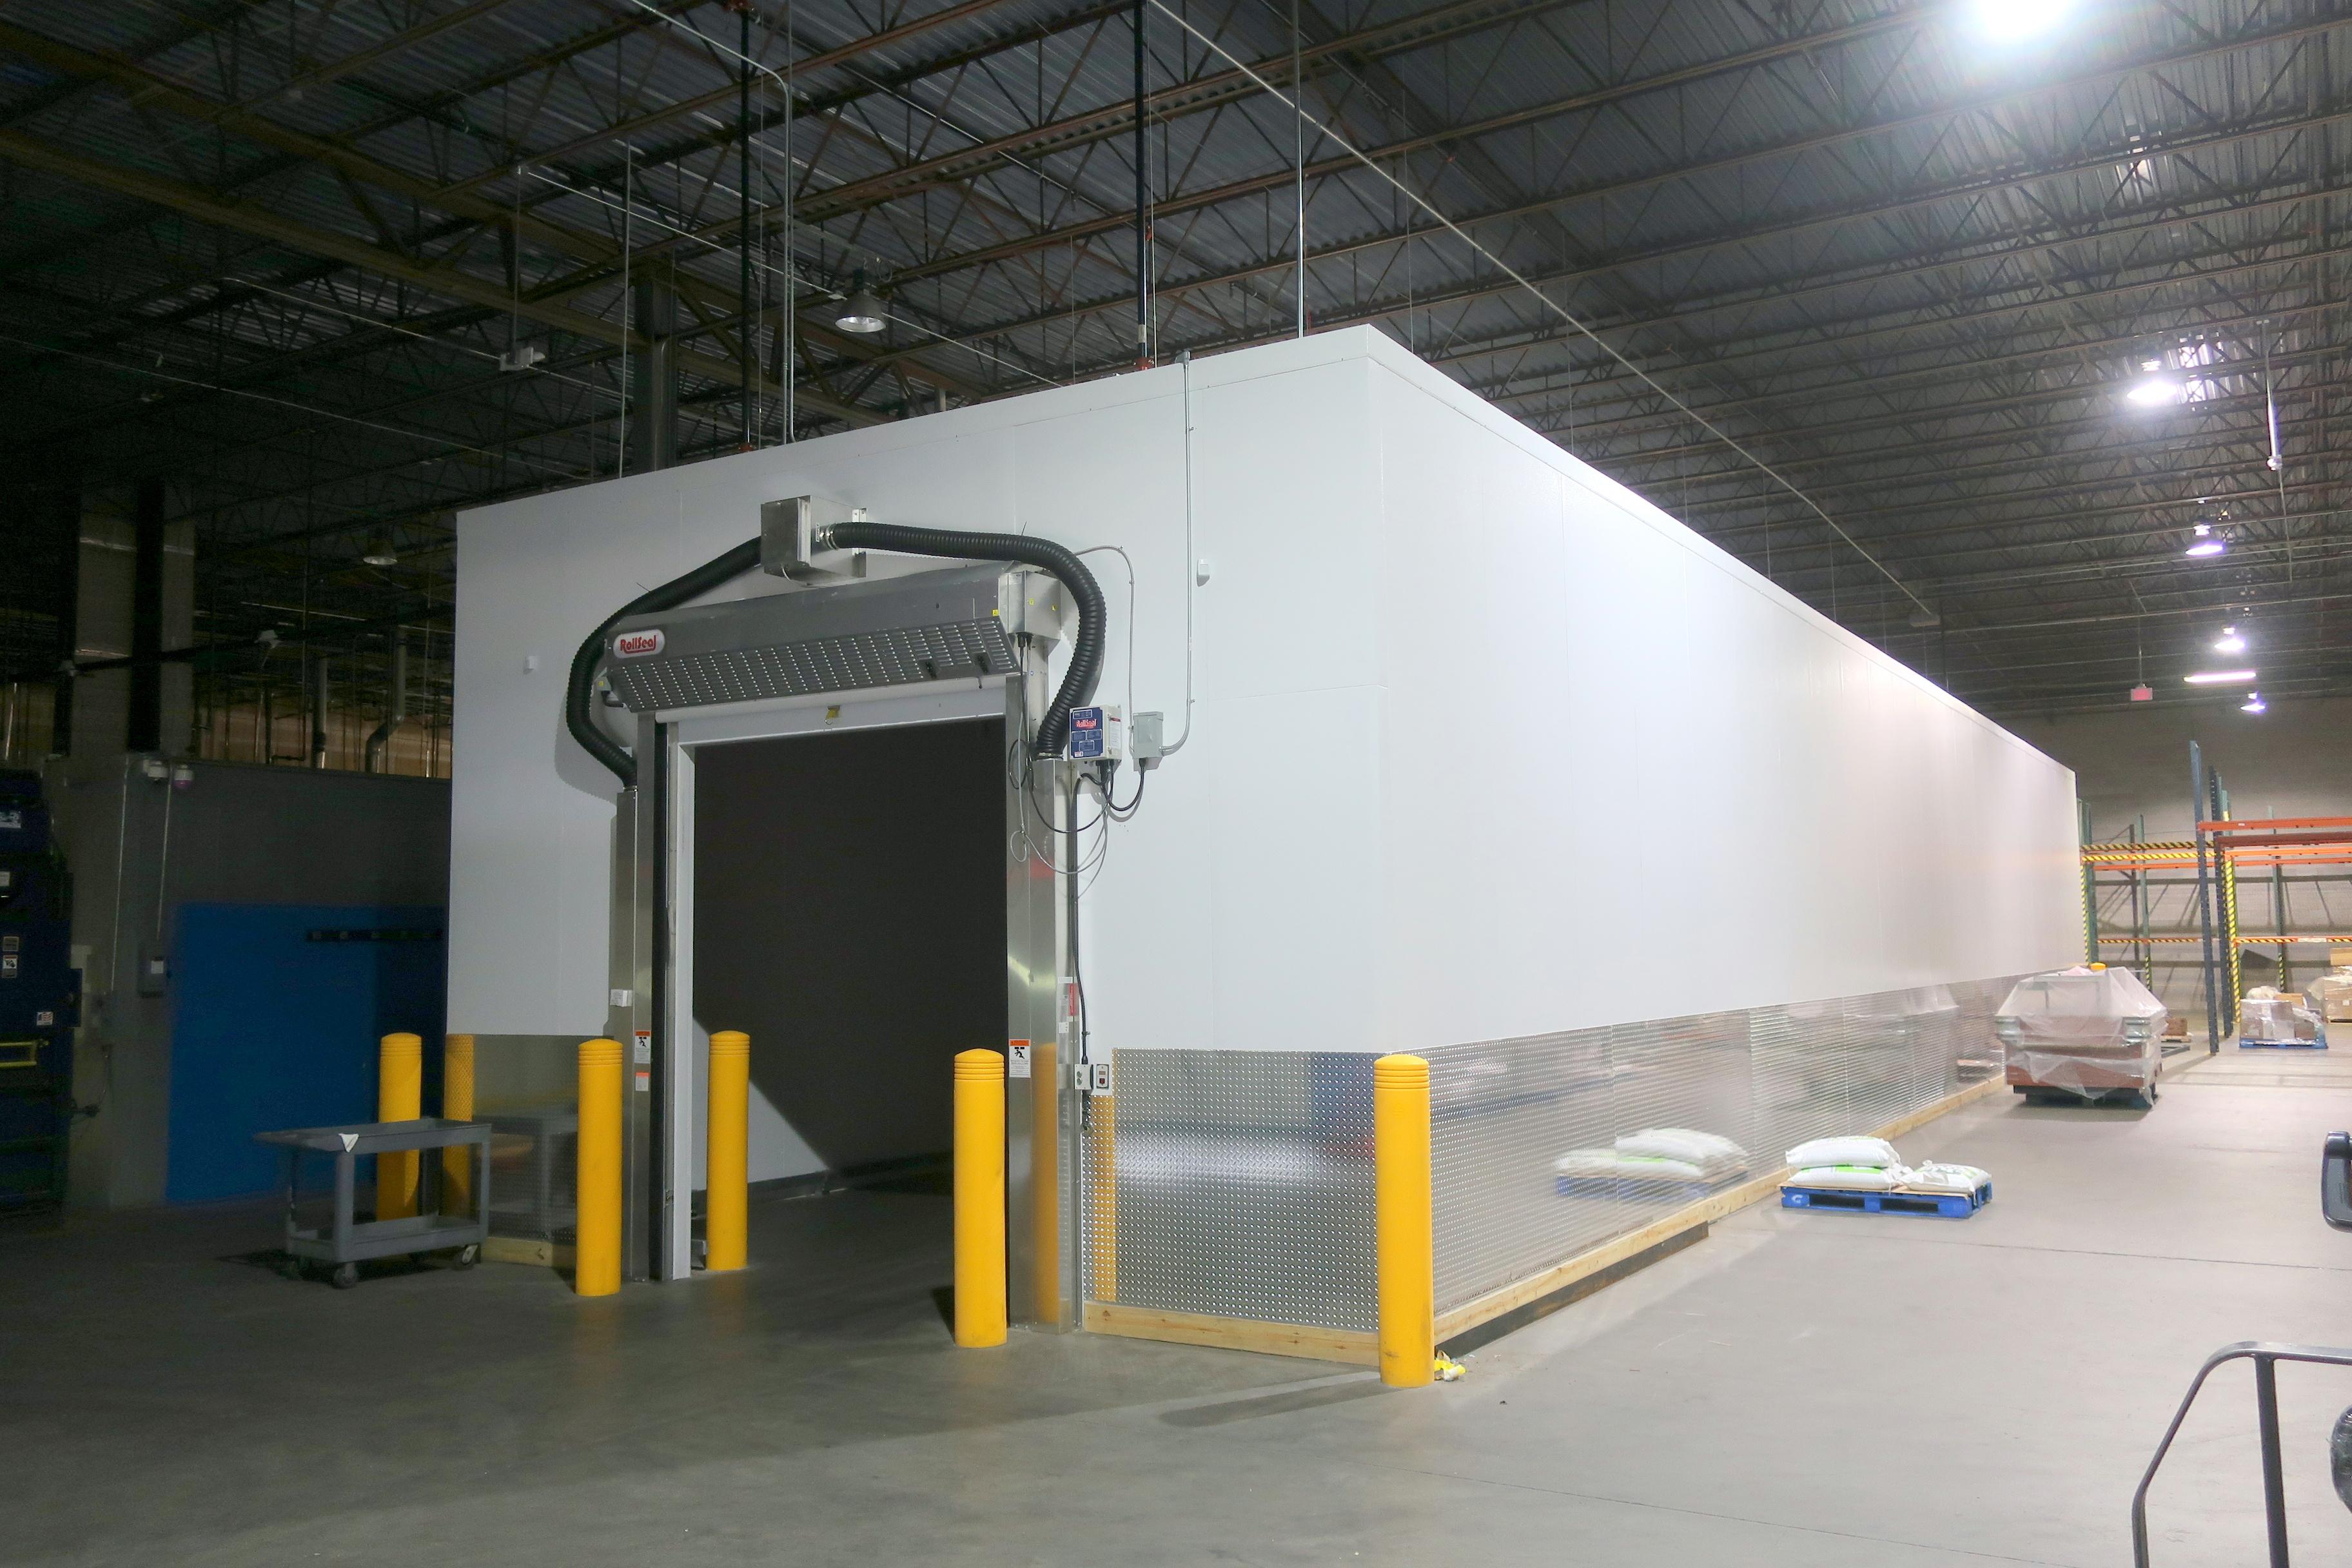 https://panther.aaronequipment.com/images/AuctionImages/Freezer.JPG